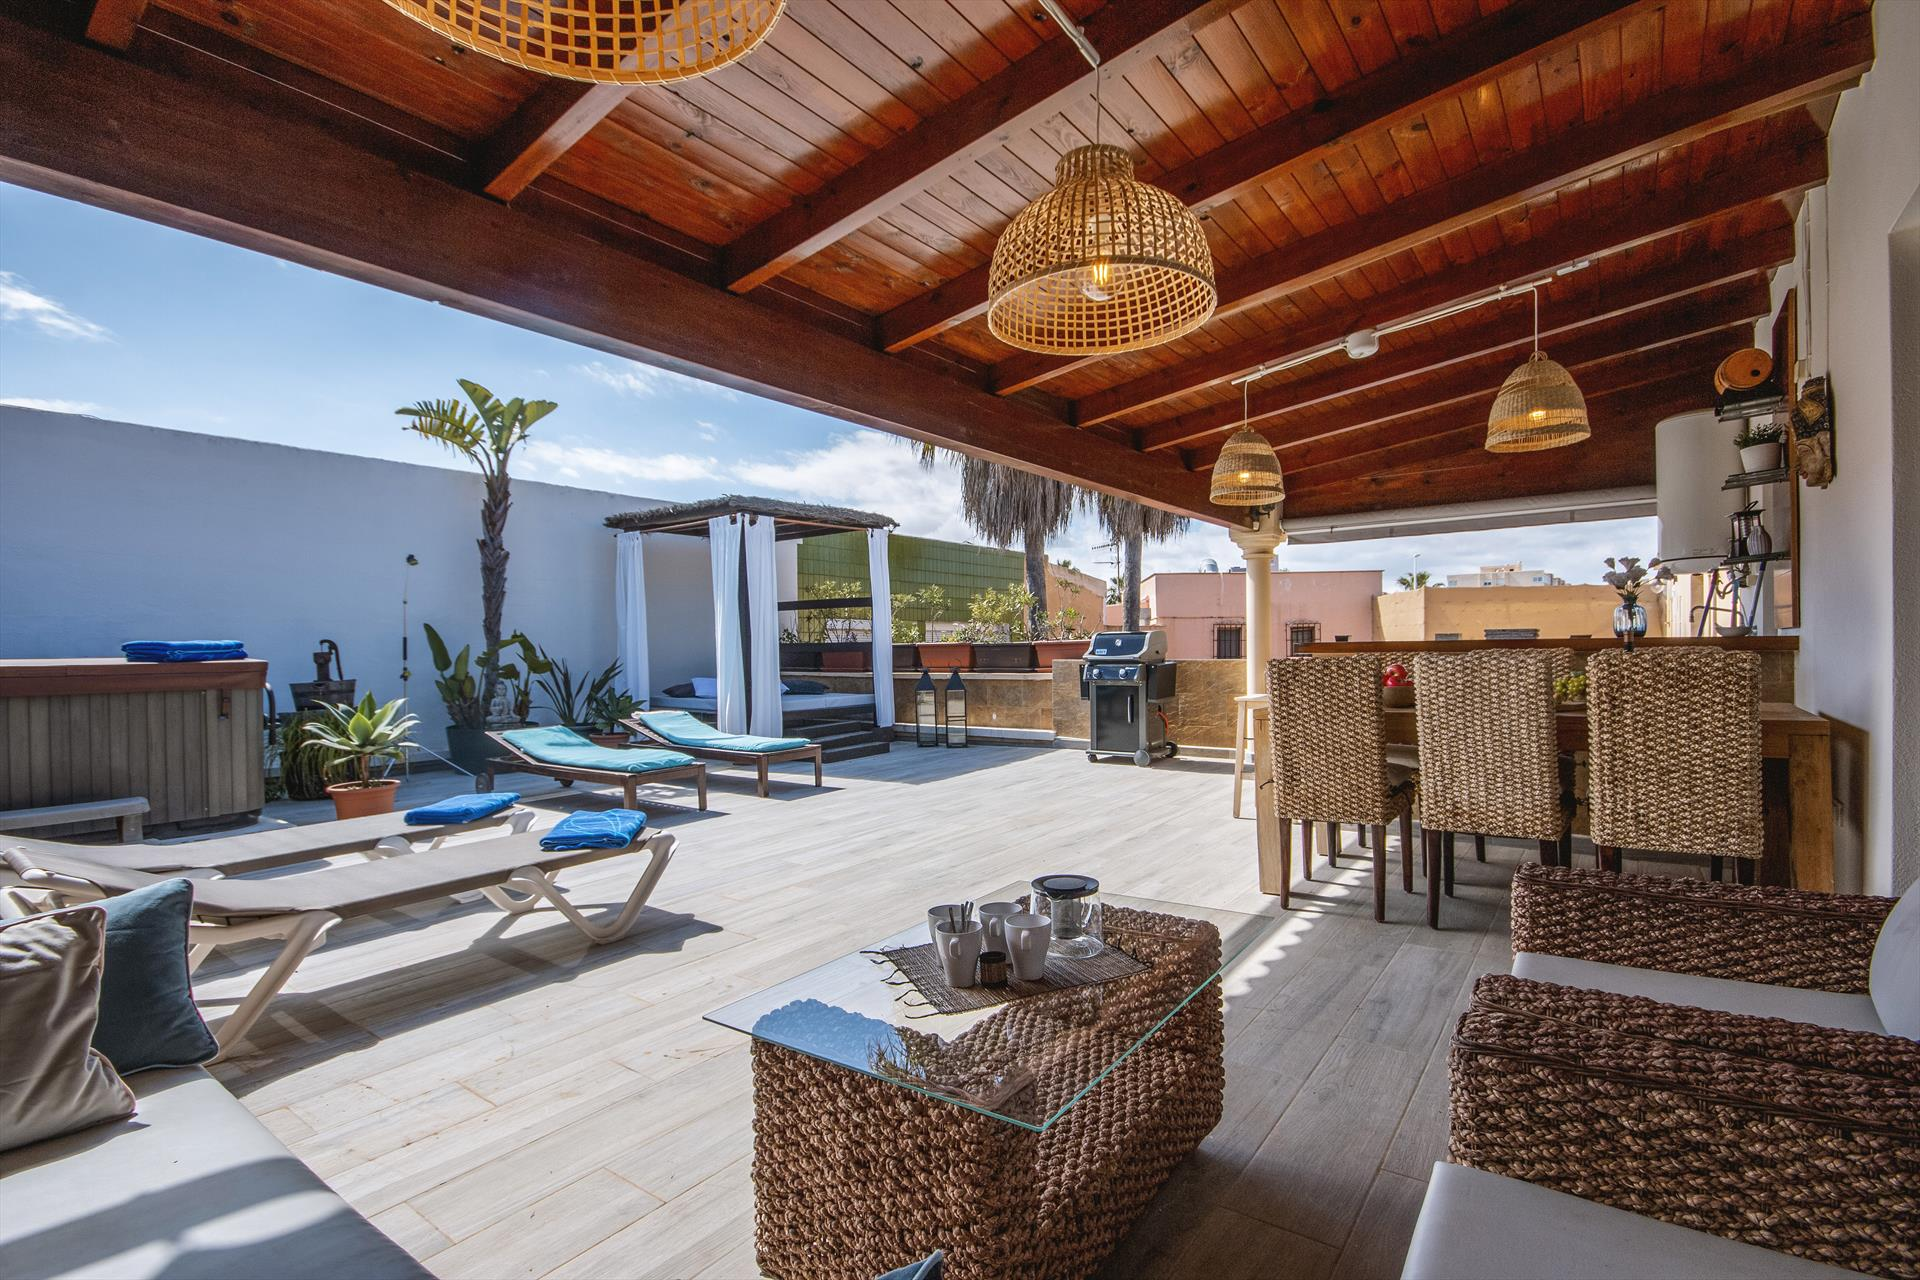 Oasis 8 pax,Wunderschöne und komfortable Ferienwohnung in Javea, an der Costa Blanca, Spanien für 8 Personen.....